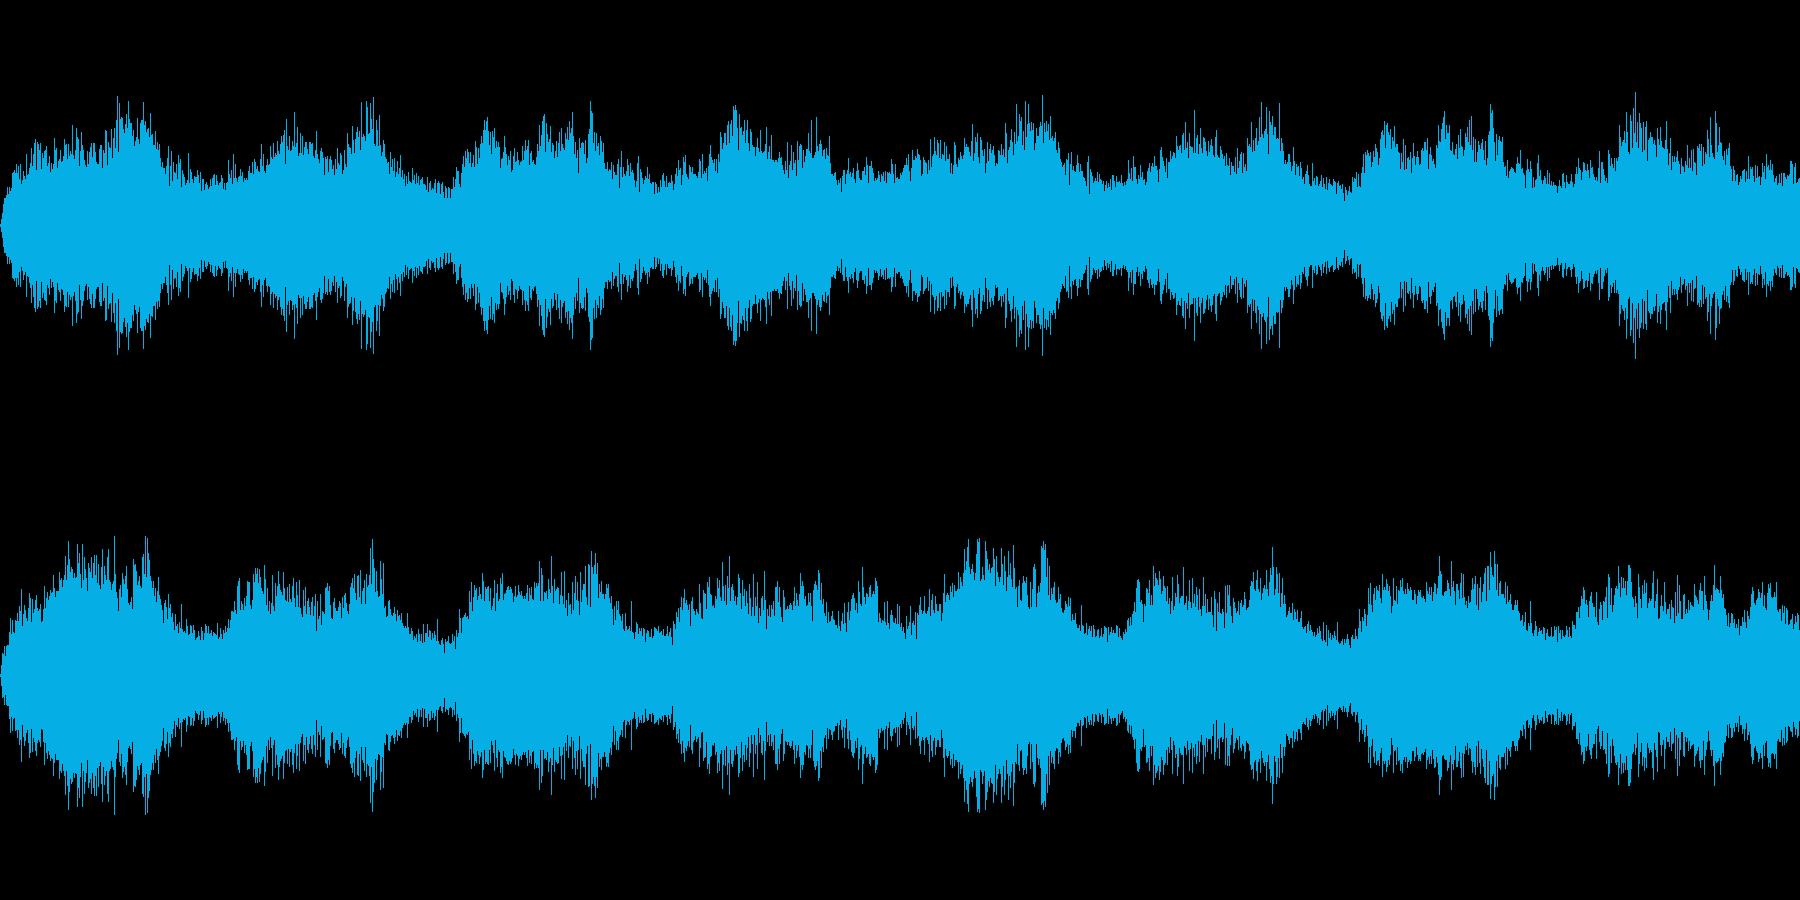 【ドラム抜き】唸るようなホラーサウンドの再生済みの波形